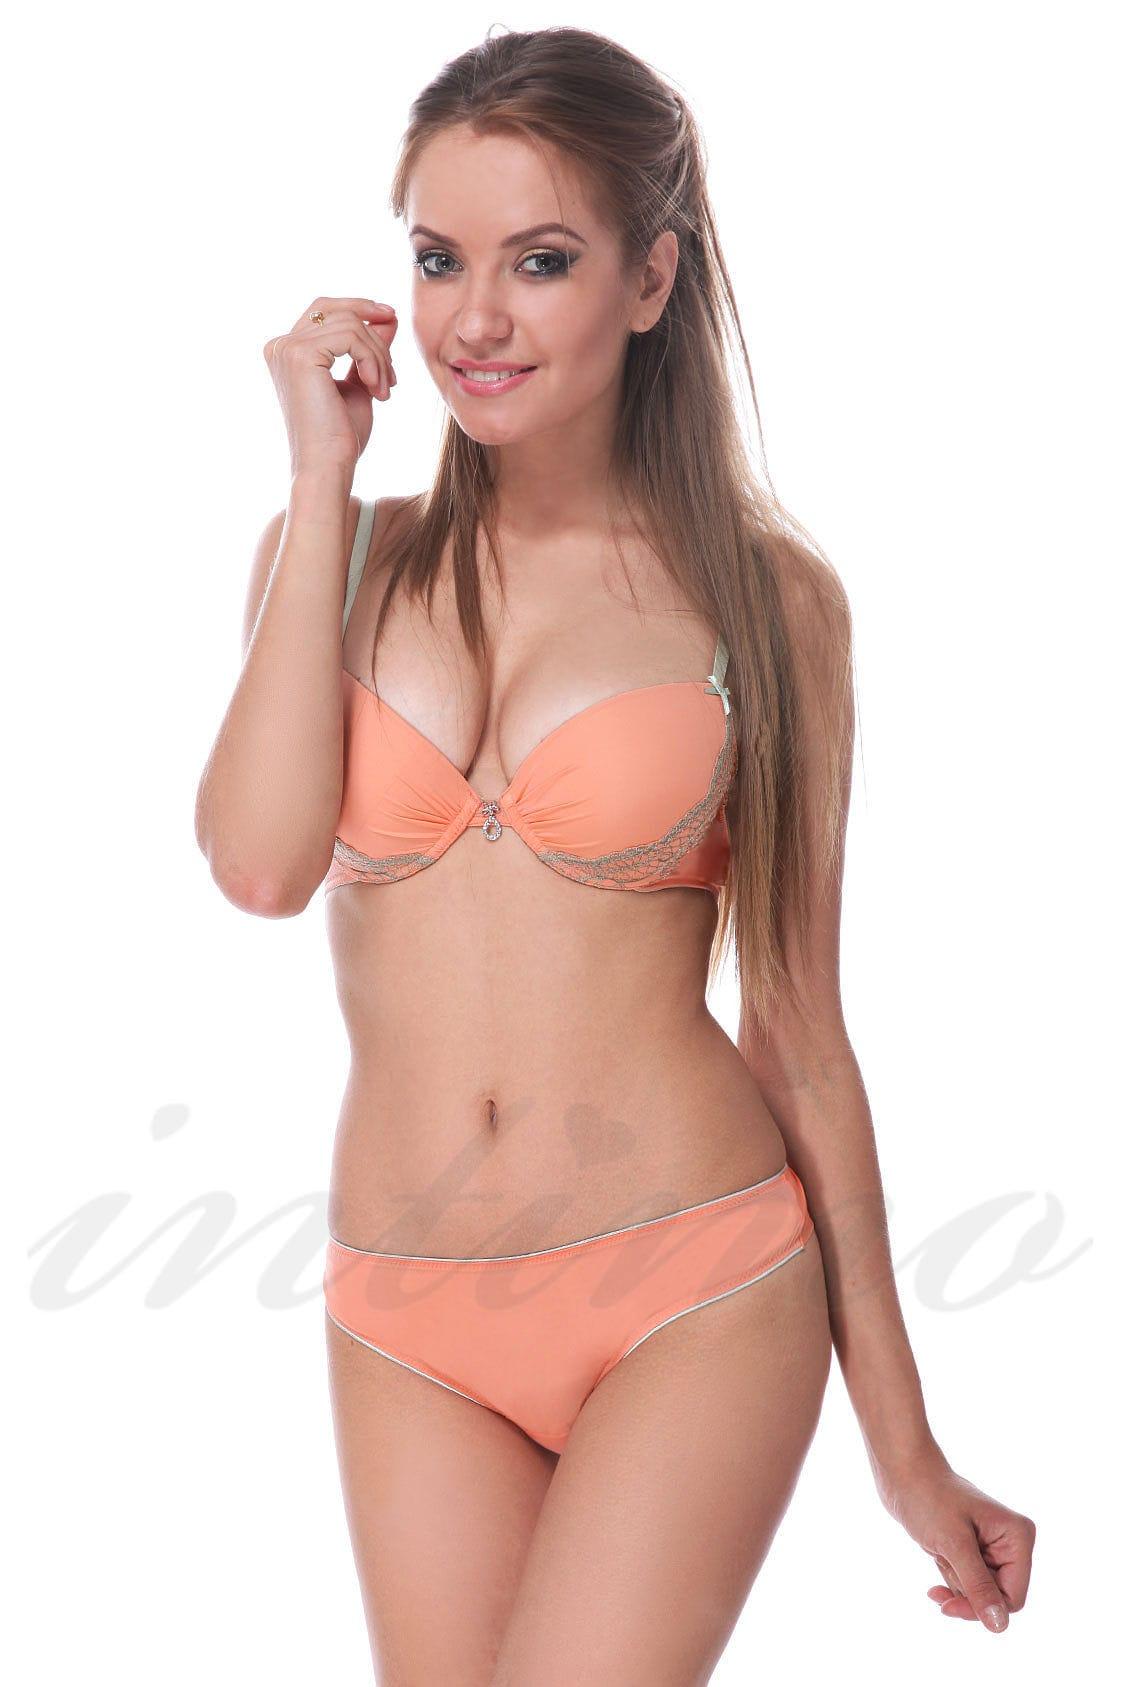 Пляжная Женская Одежда Интернет Магазин